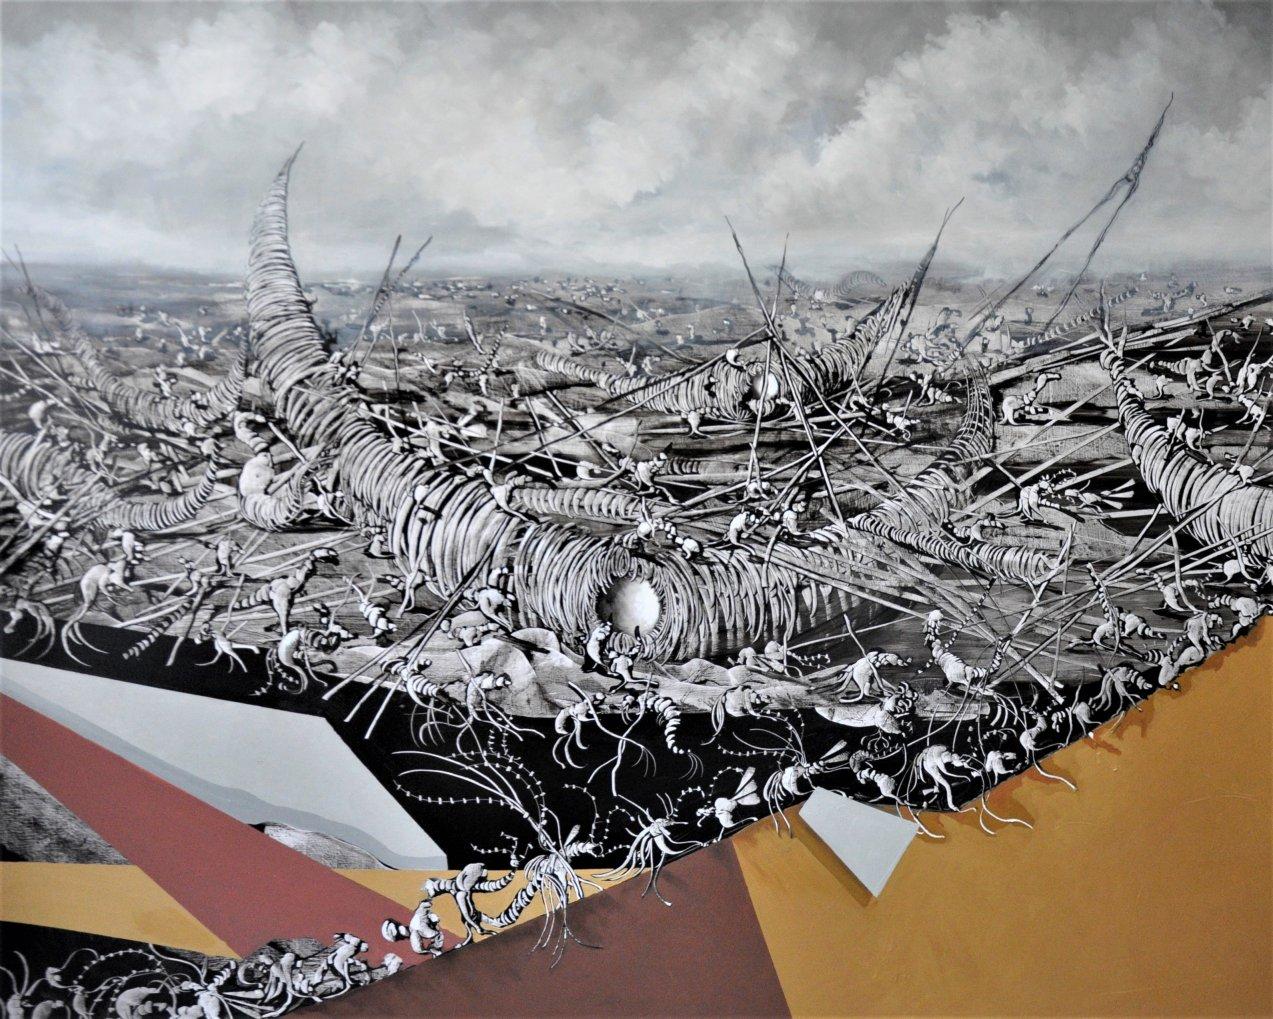 Fragatas en construcción (2018) - José Benítez Montilla